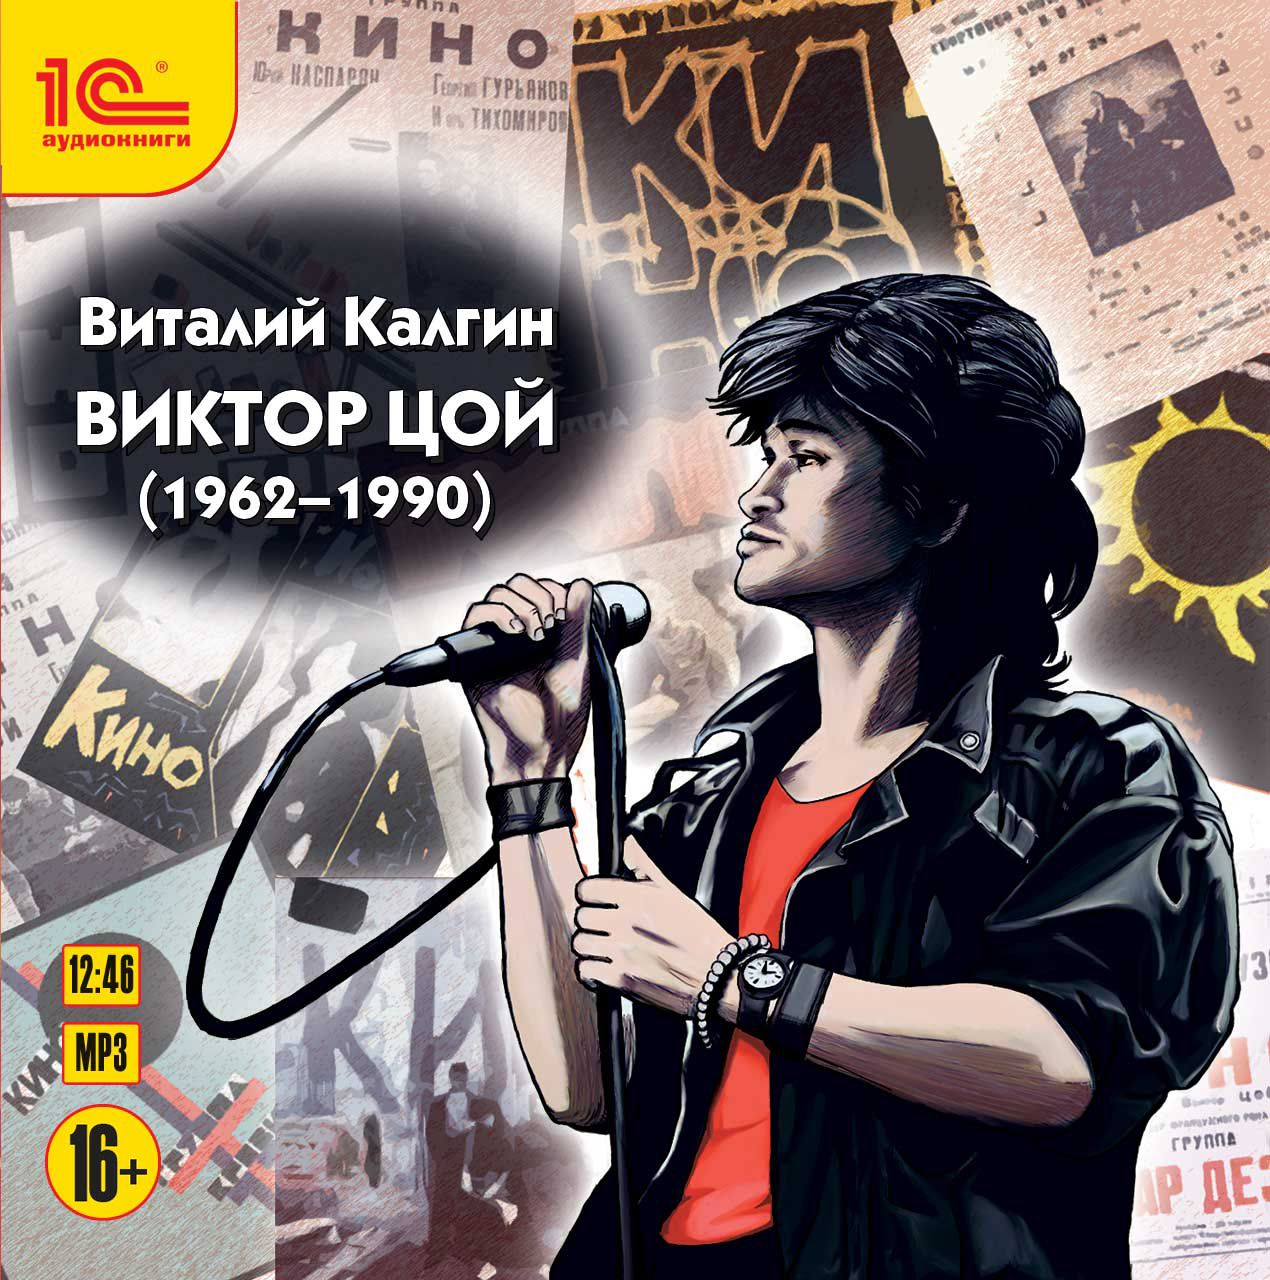 Виктор Цой (1962-1990)